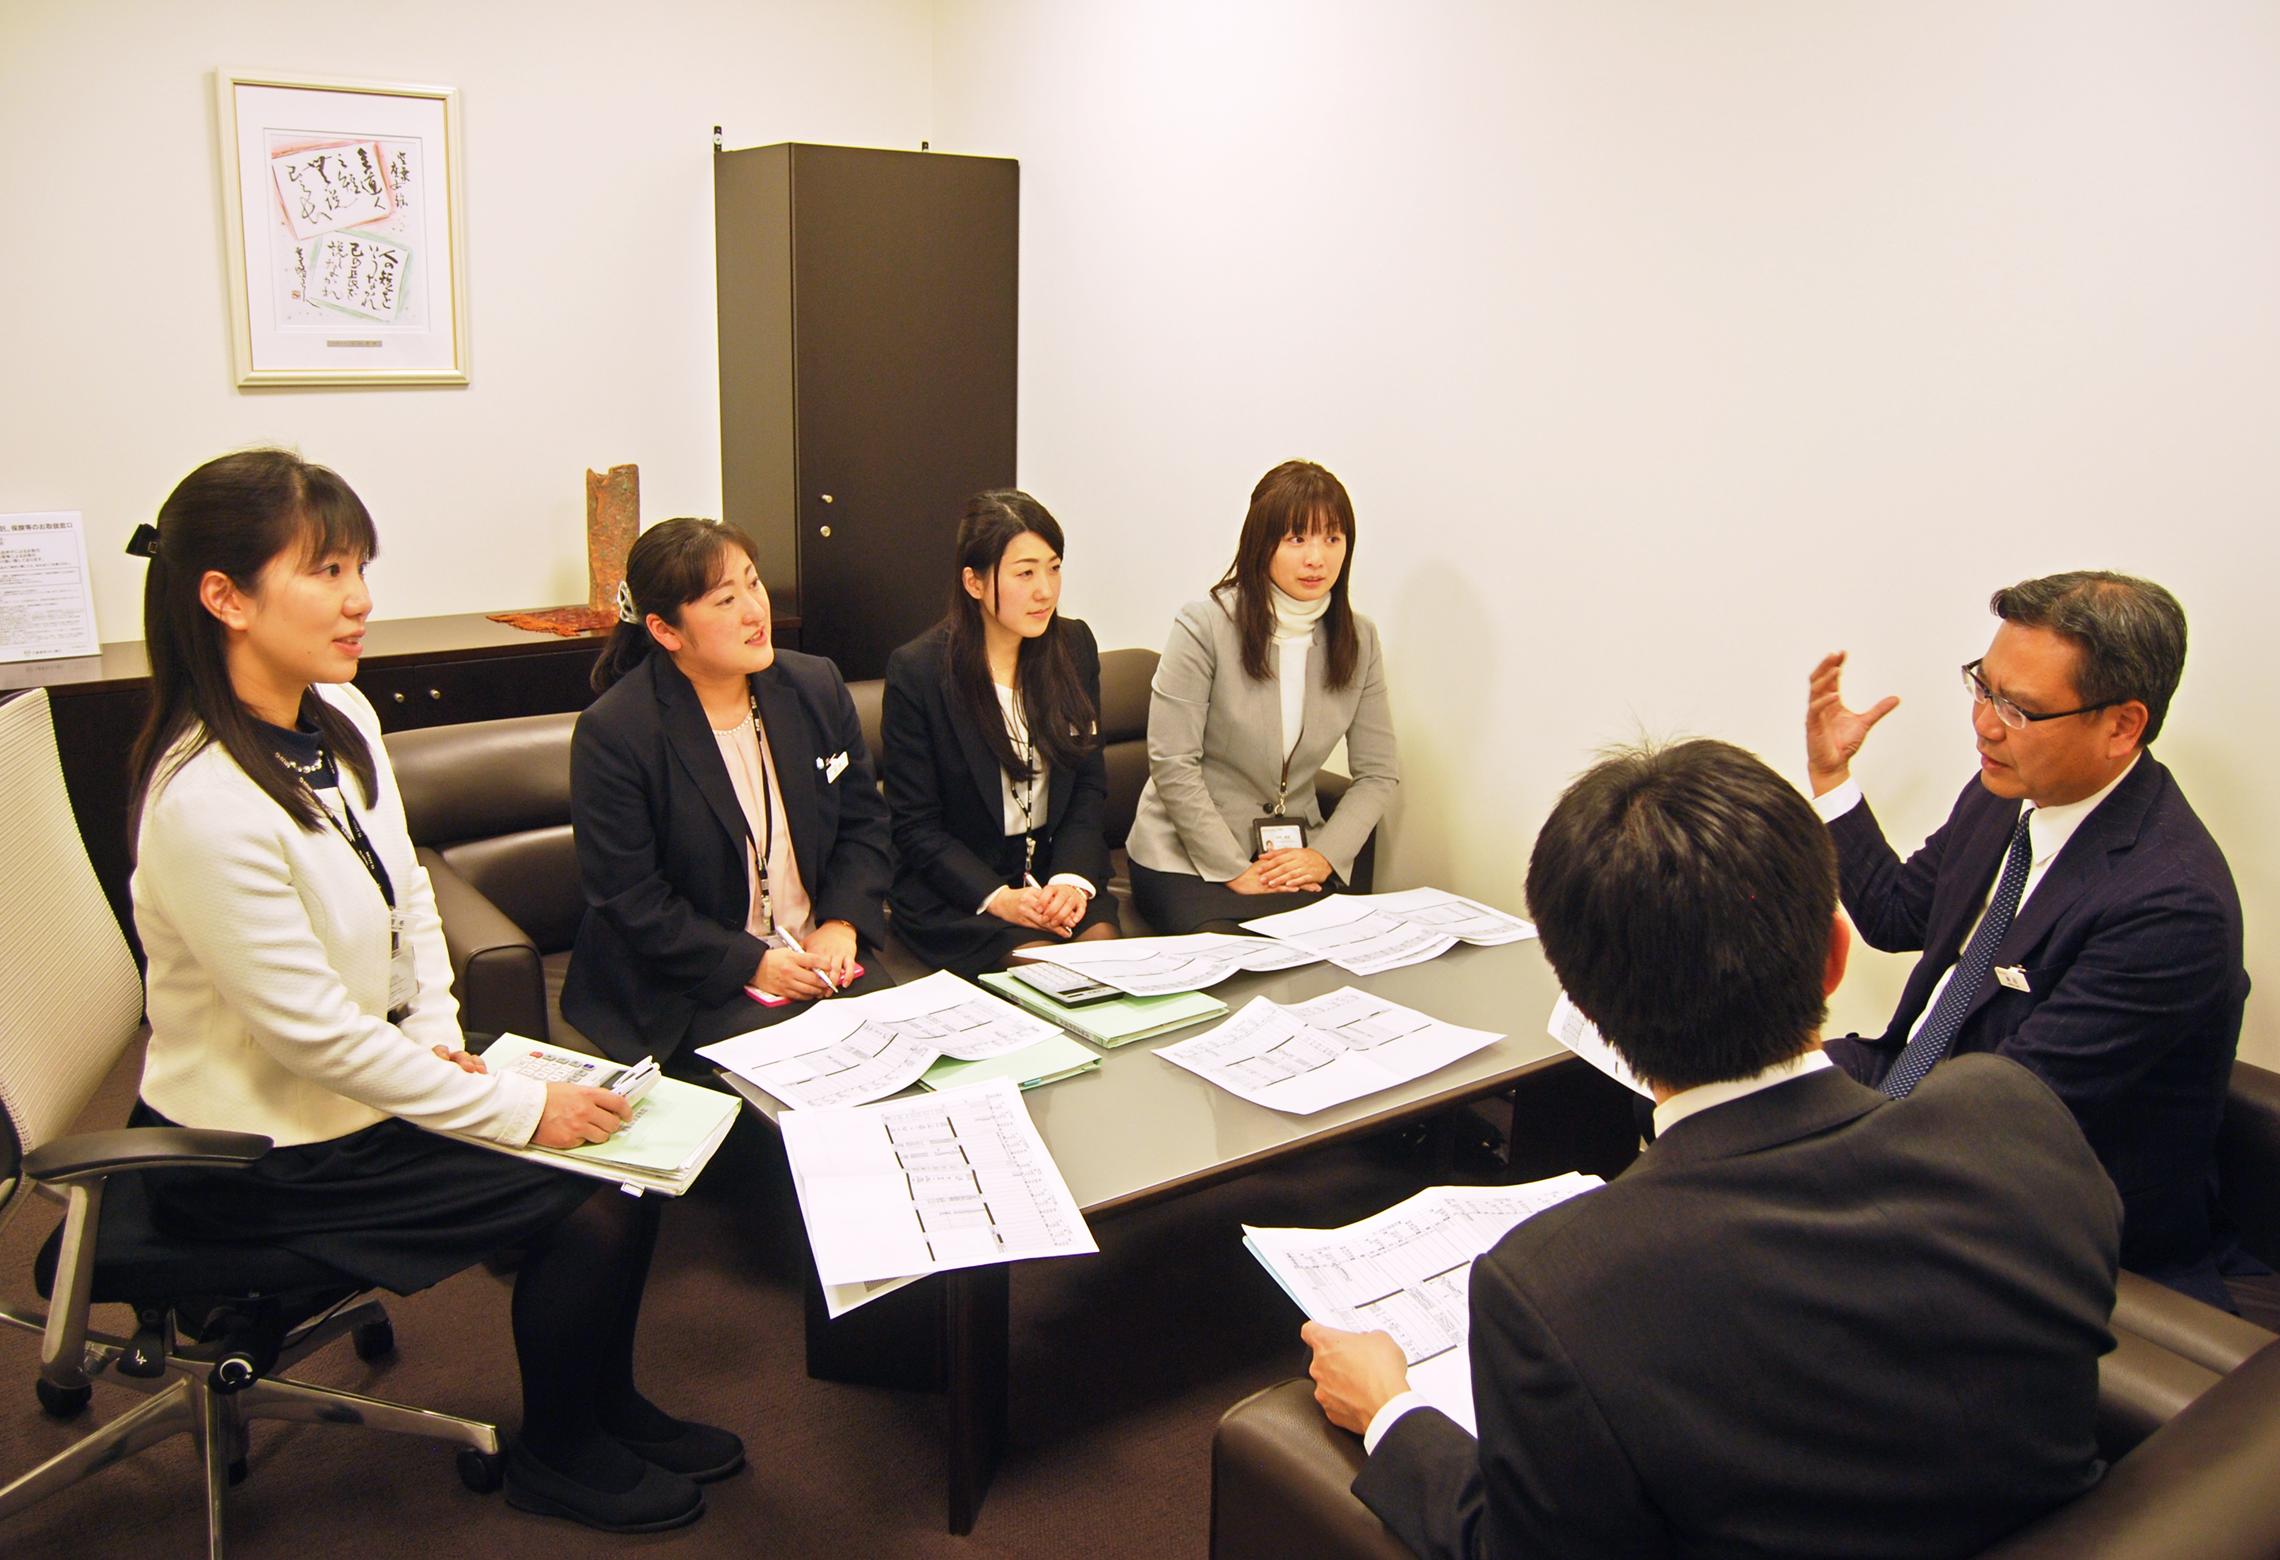 2018年2月23日号20面 三菱東京UFJ銀行一宮支店、「熱く、愚直に、泥臭く」、4つの改革で業績アップ